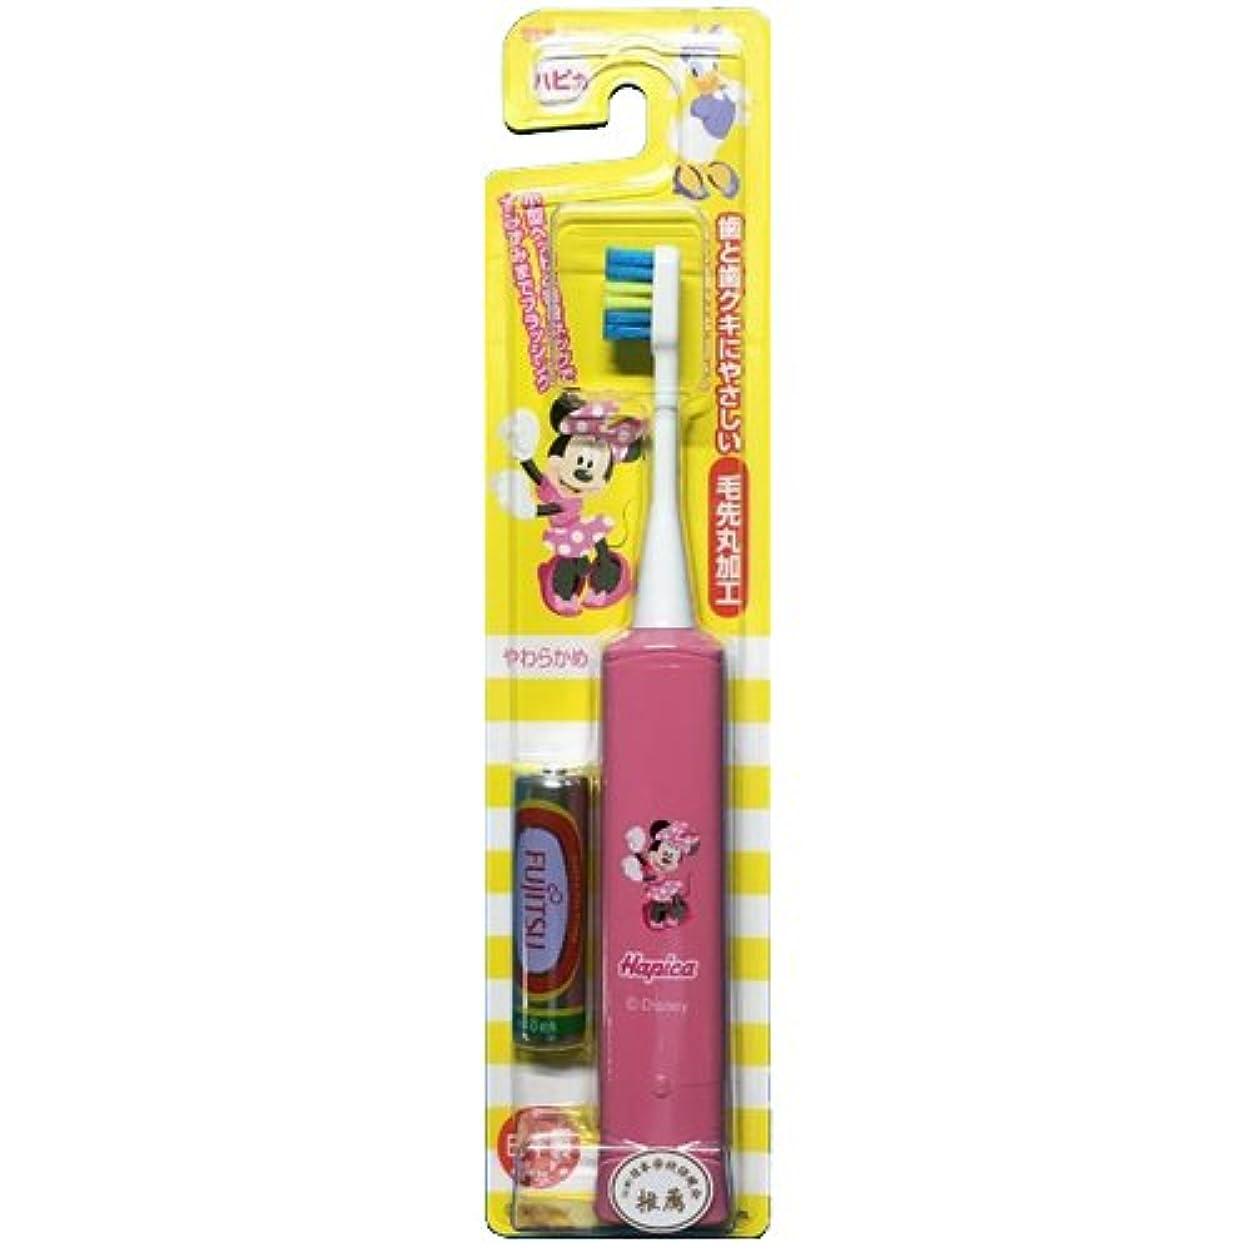 スコットランド人雑草地味なミニマム 電動付歯ブラシ こどもハピカ ミニー(ピンク) 毛の硬さ:やわらかめ DBK-5P(MK)